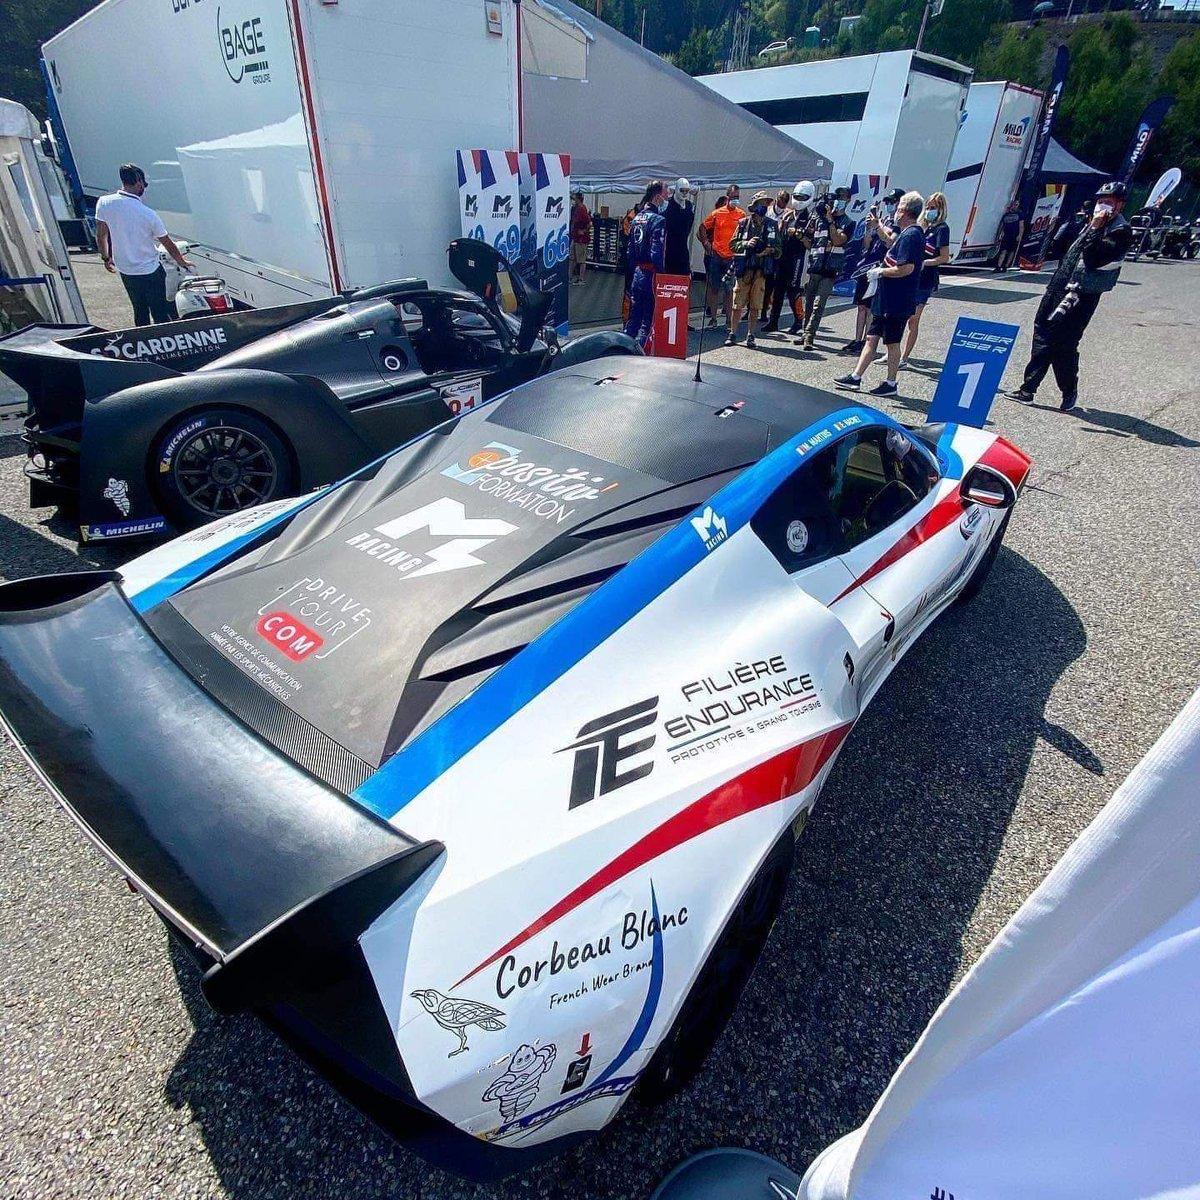 """Mathieu Martins, victorieux à Spa le week end dernier en catégorie JS2 R de la Ligier European Series """"C'était vraiment une super course, avec de belles batailles en piste. C'est un grand jour avec la première victoire de la saison""""  Prochain rdv, les 28-29 août au Castellet https://t.co/WNK4gsZVIC"""